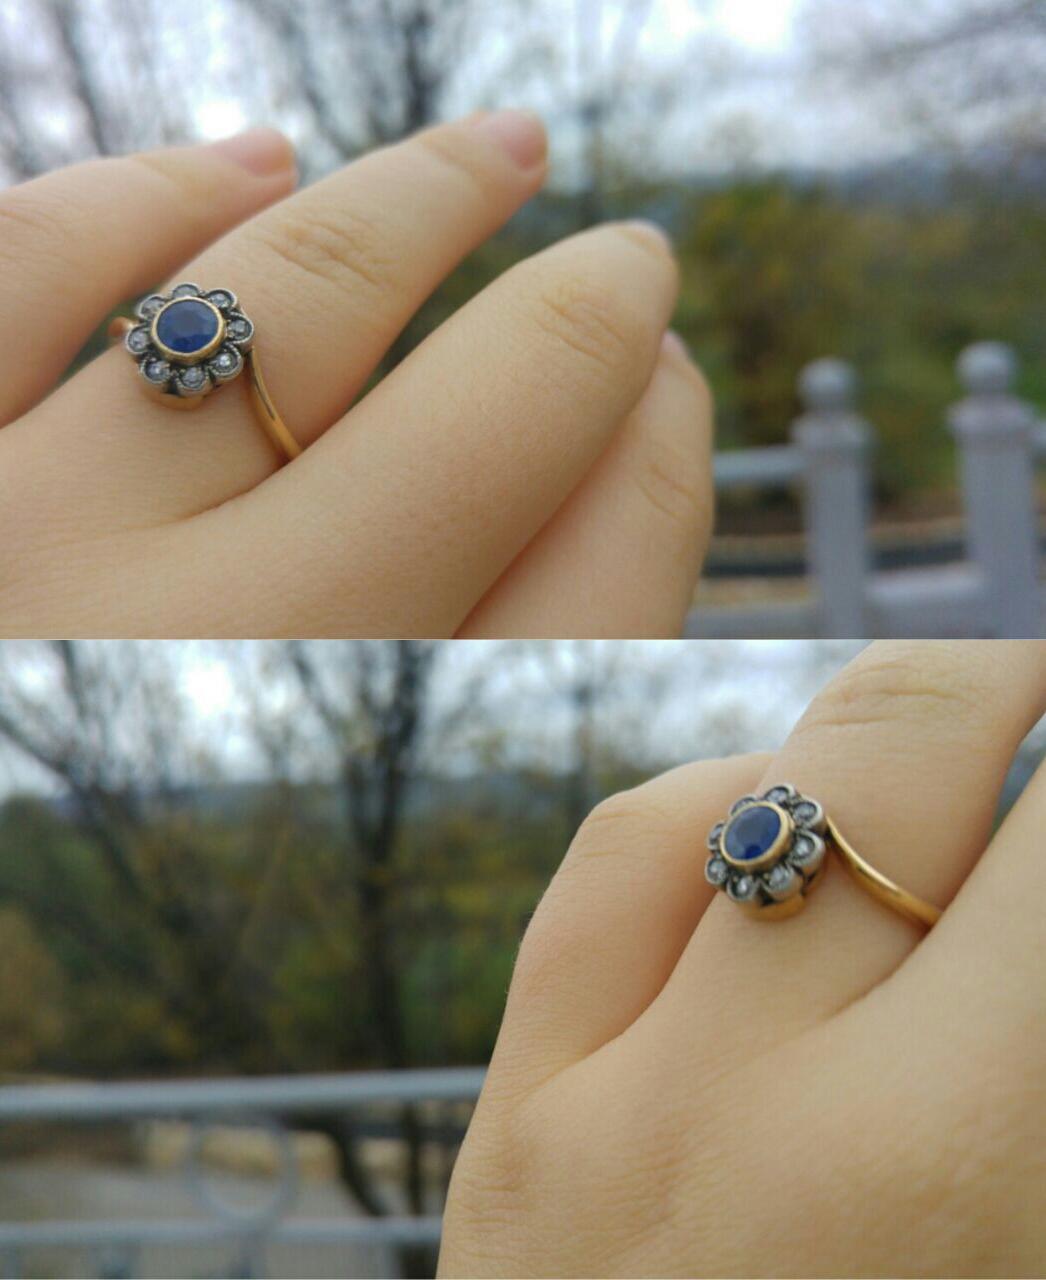 טבעת קרוס אובר עתיקה, עם פרח של ספיר ויהלומים.